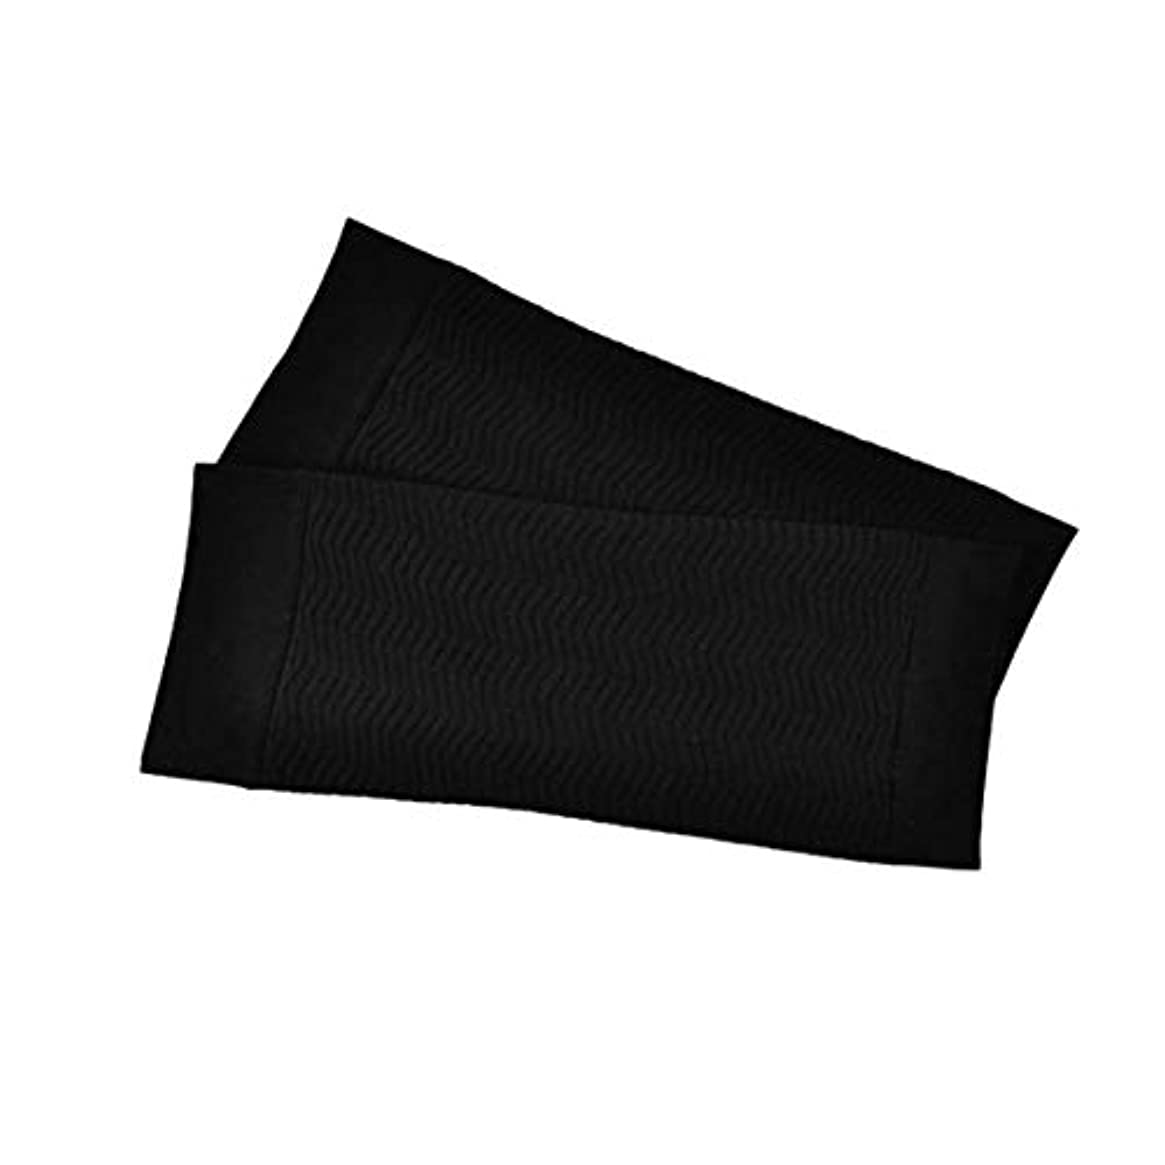 呼吸壮大変換する1ペア680 D圧縮アームシェイパーワークアウトトーニングバーンセルライトスリミングアームスリーブ脂肪燃焼半袖用女性 - ブラック